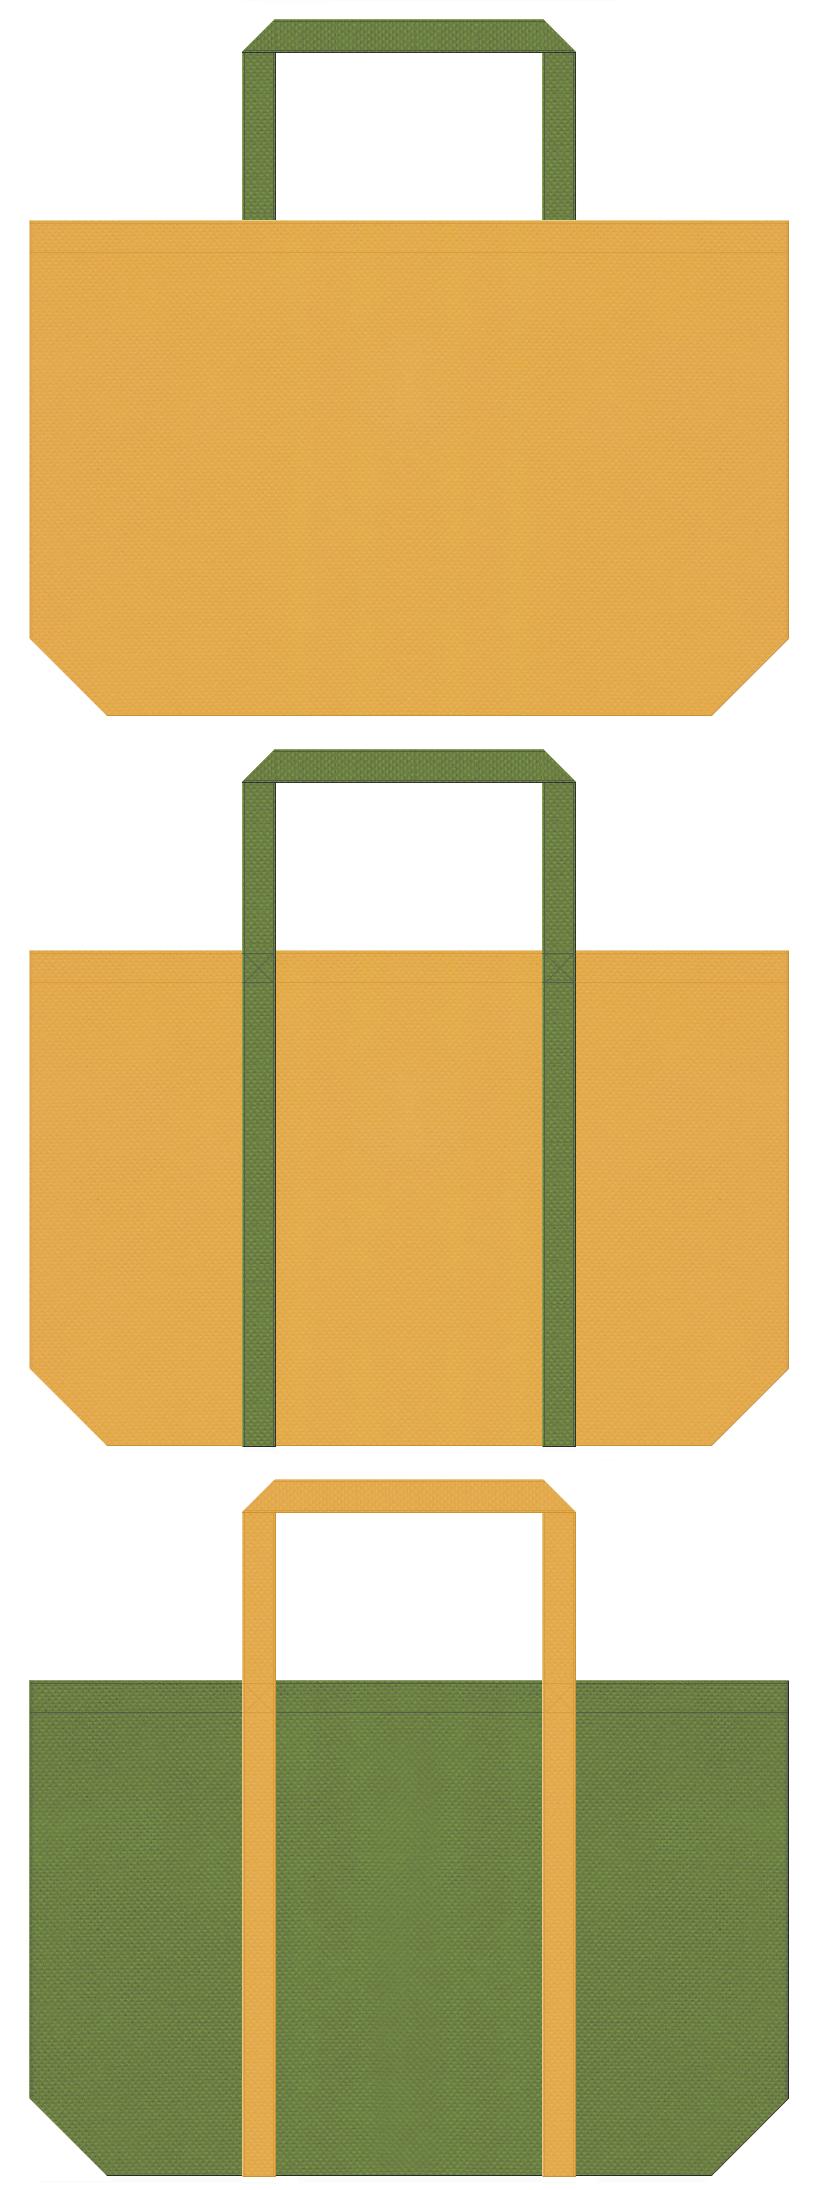 黄土色と草色の不織布ショッピングバッグデザイン。樽・桶・篭・江戸時代のイメージにお奨めの配色です。